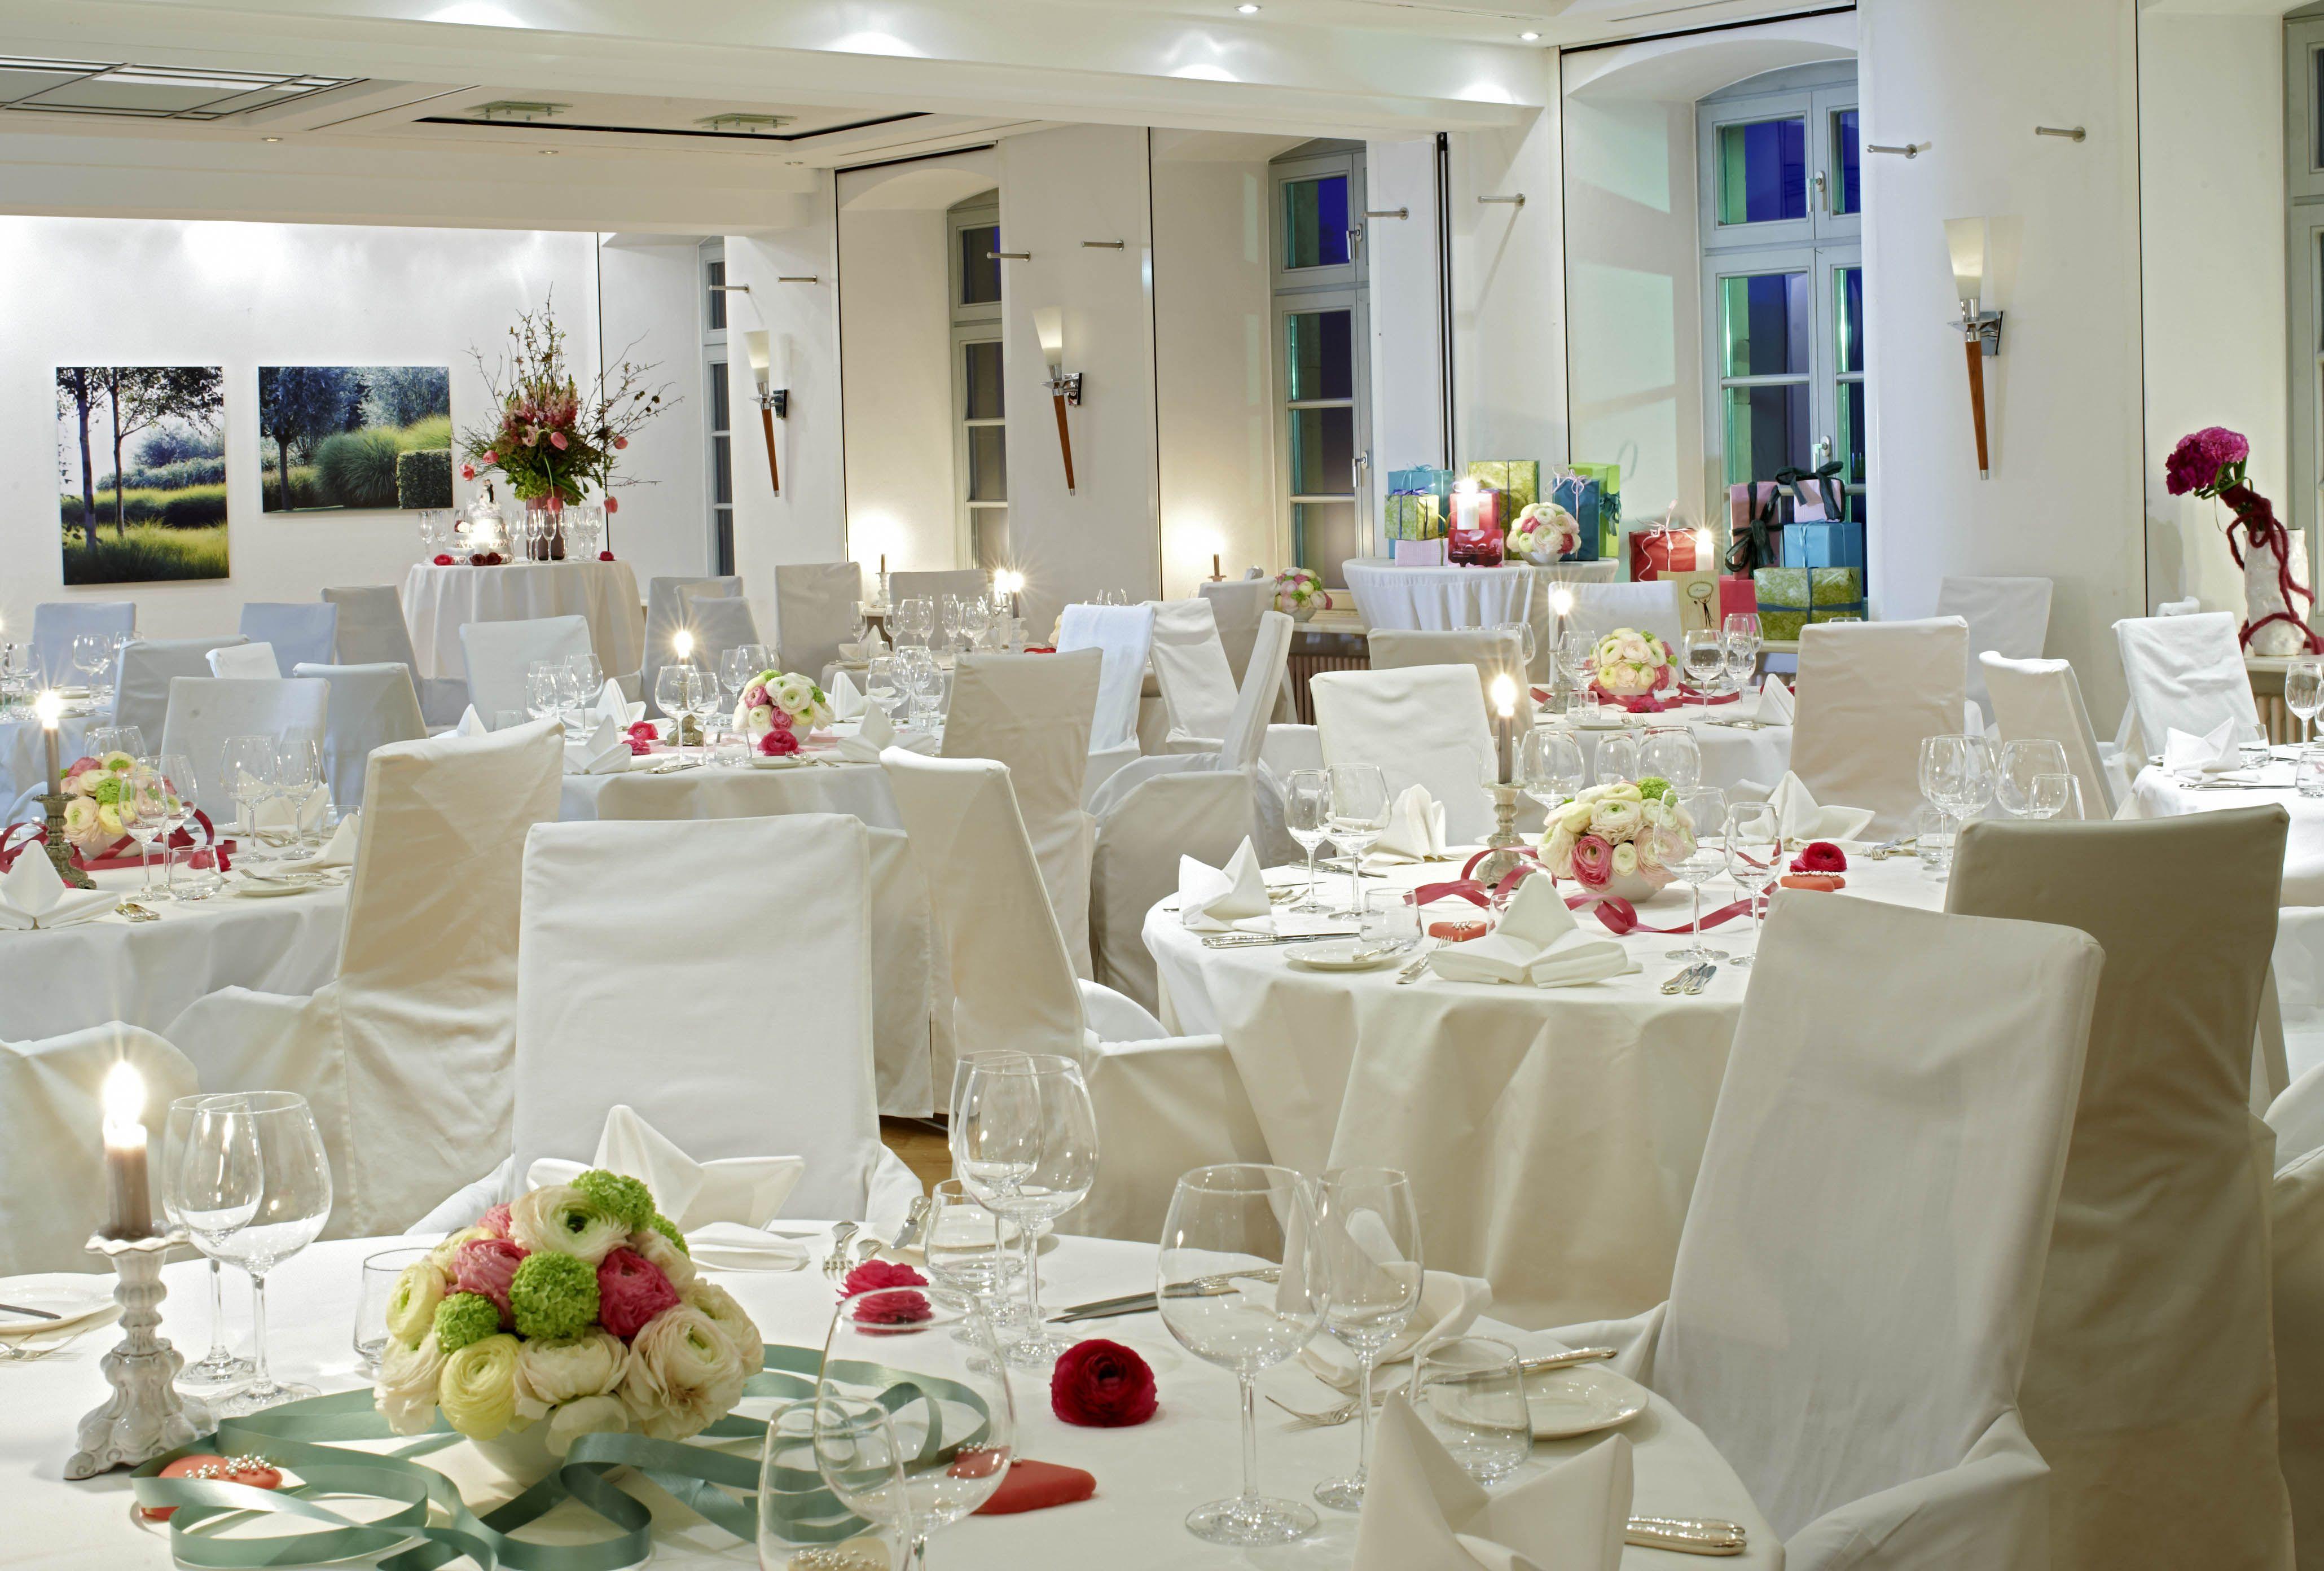 Festsaal hochzeit mit dekoration hotel kloster hornbach for Dekoration hochzeit